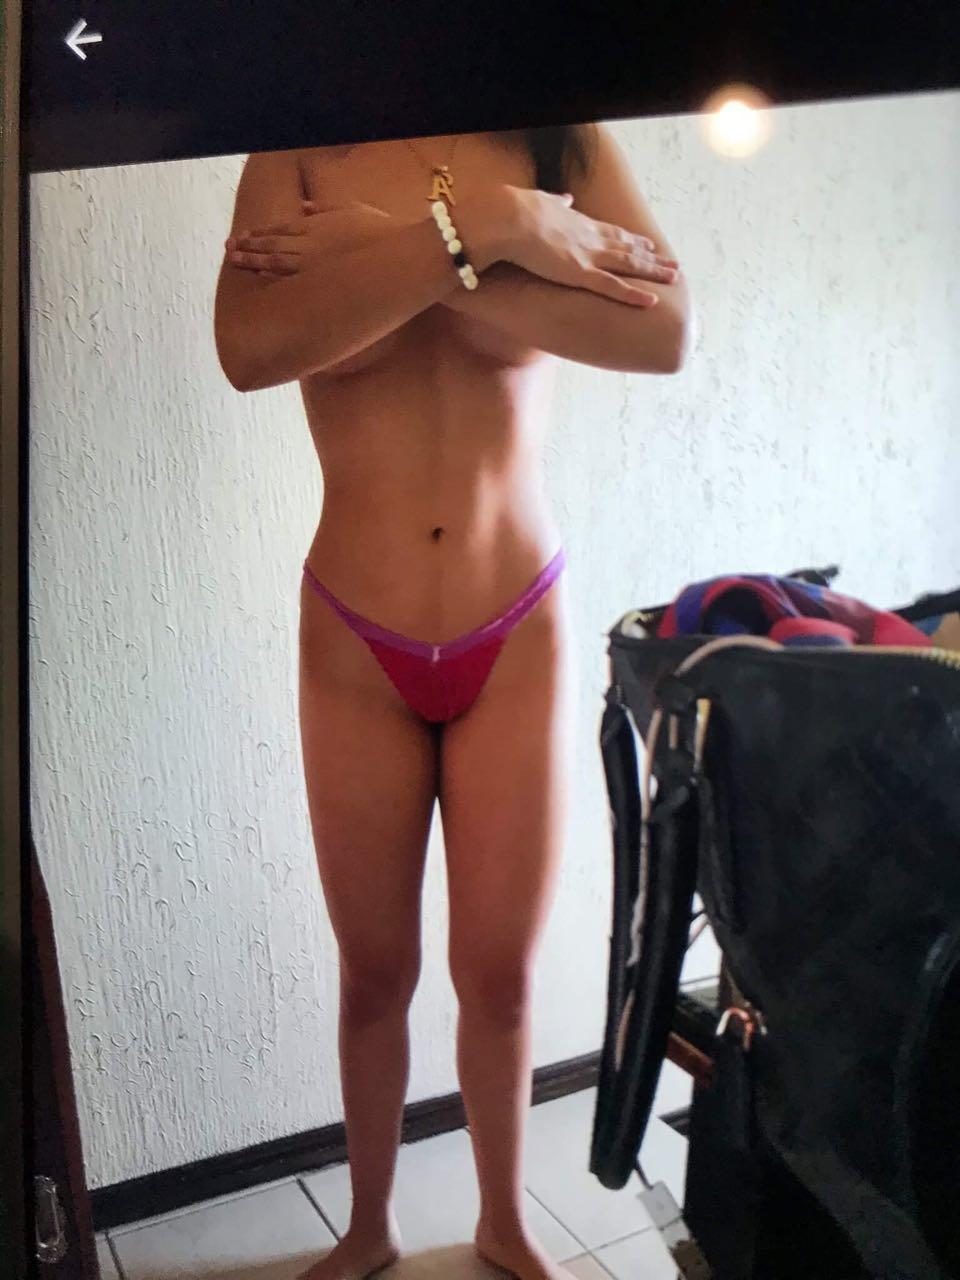 Ana Paula Sáenz nude photos leaked